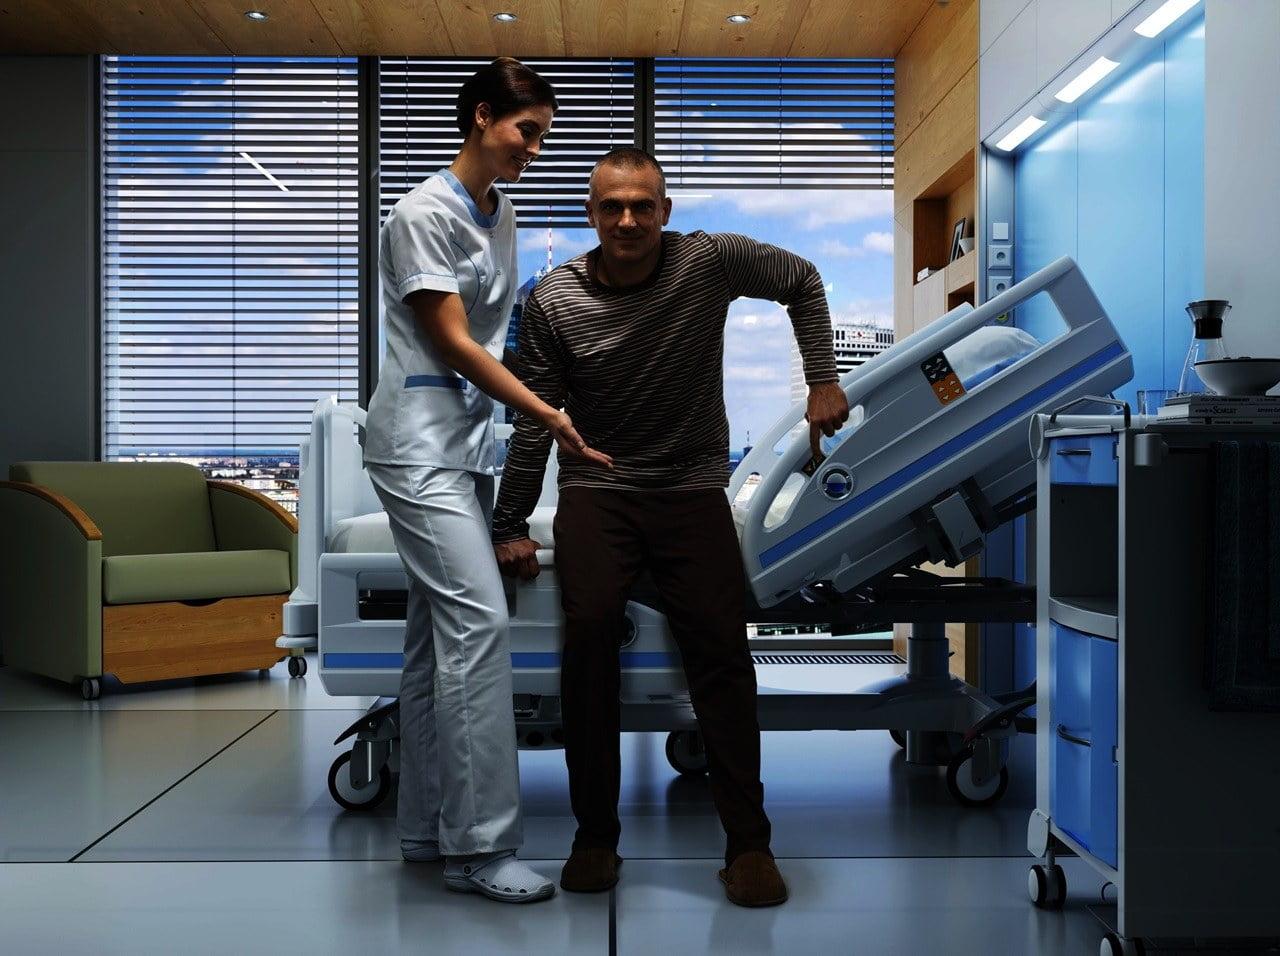 Hospitalssenge med udstigningshjælp